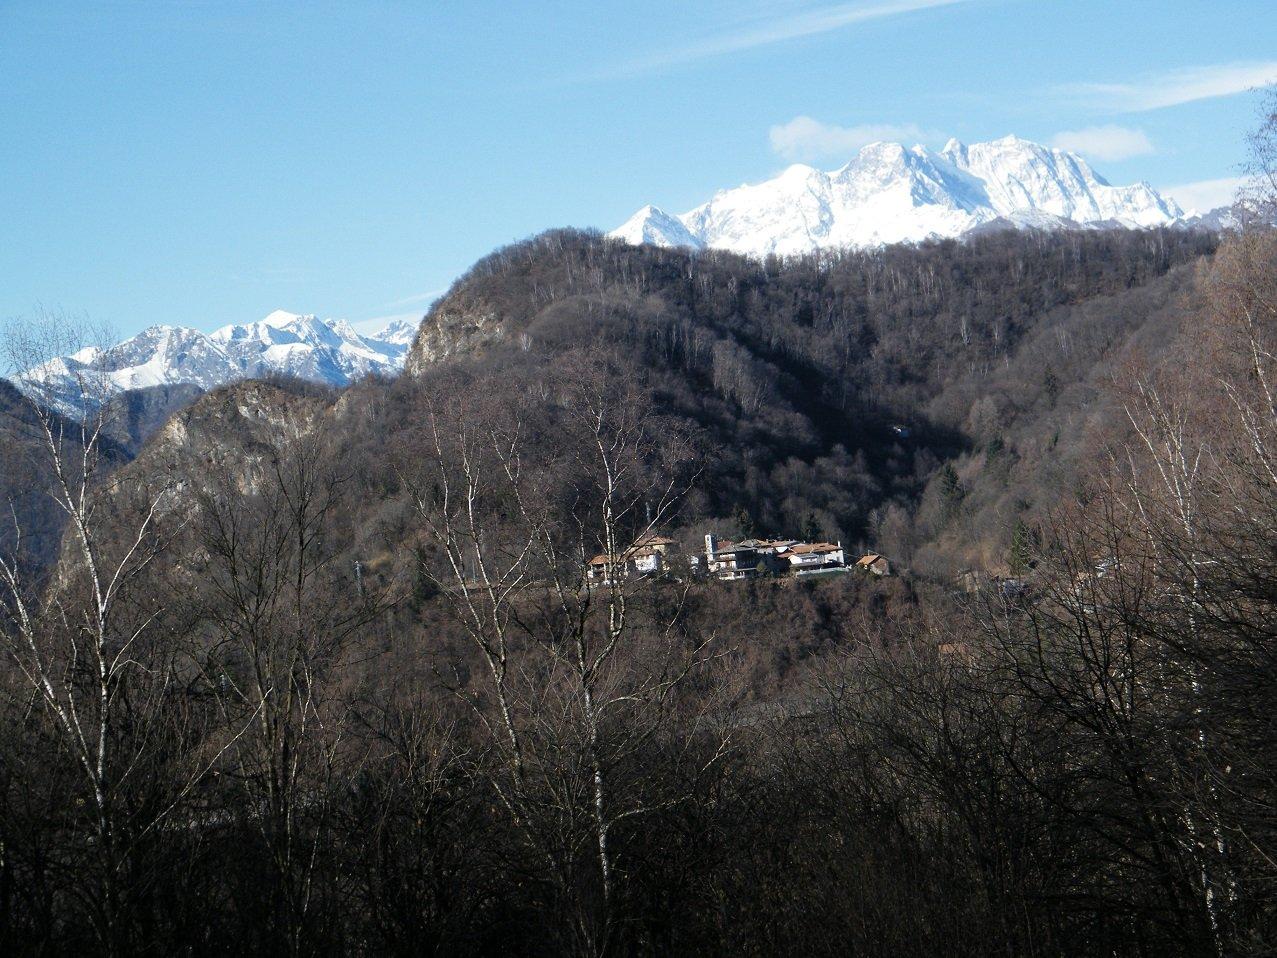 Civiasco ed il Monte Rosa dai pressi dell'Alpe Verceui.